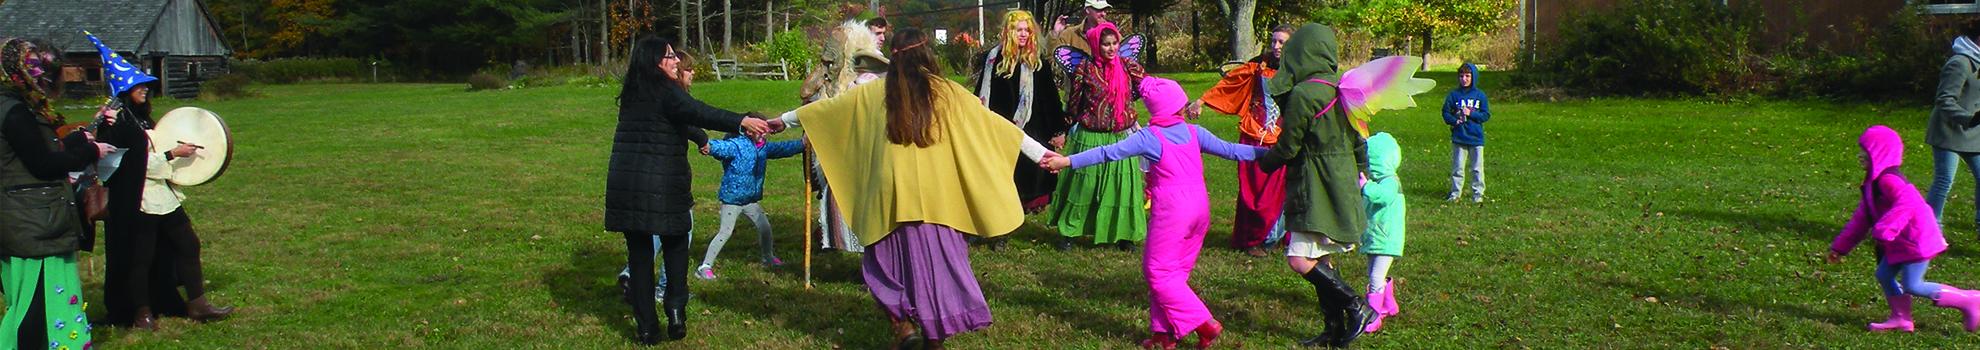 homepage-slider-fairy-festival